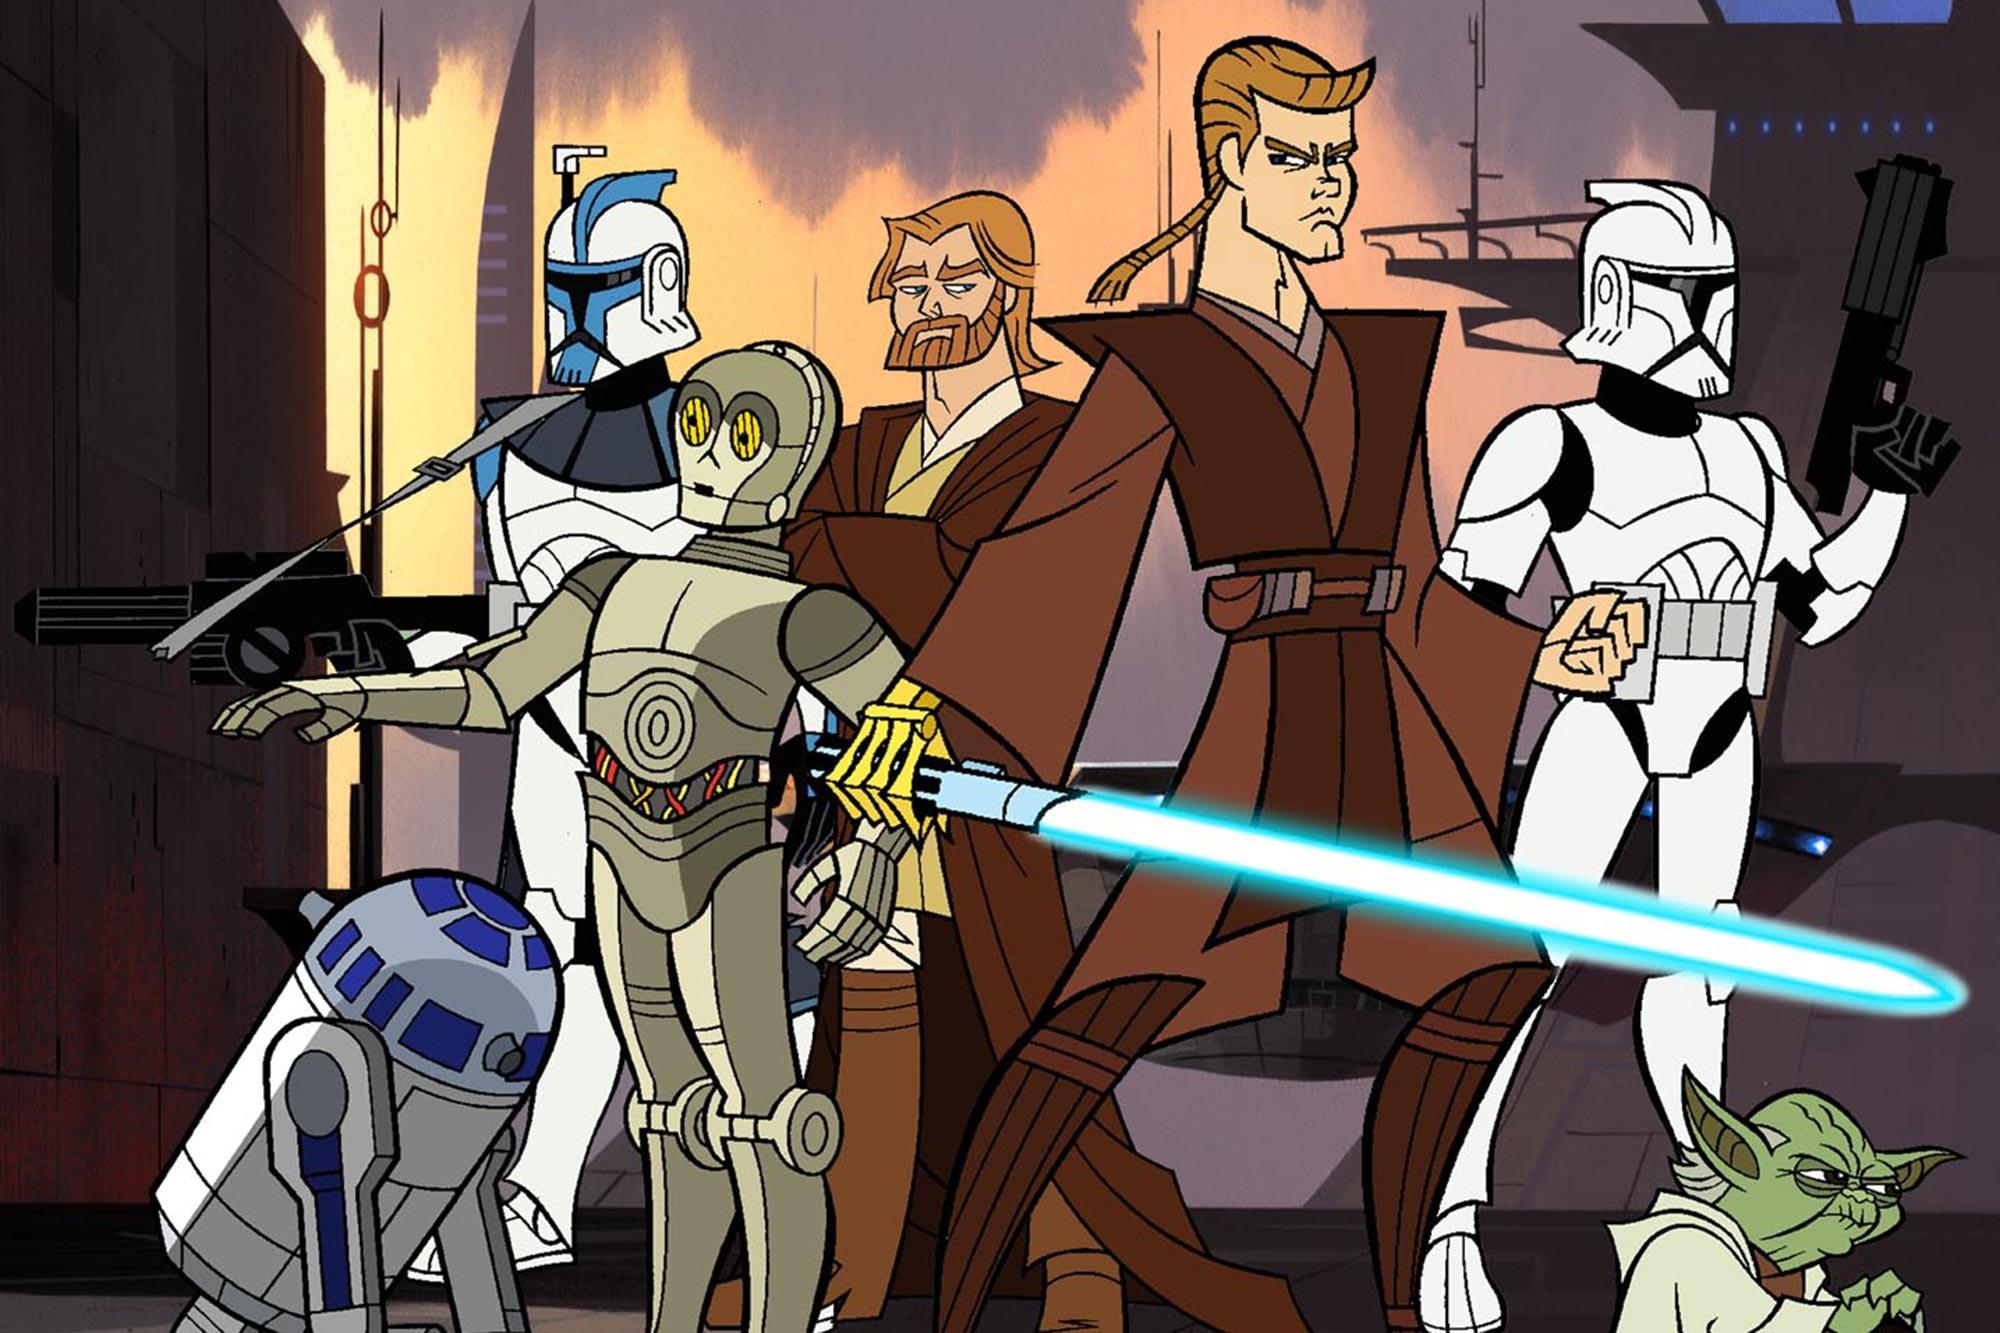 Star Wars Ranking - The Clone Wars